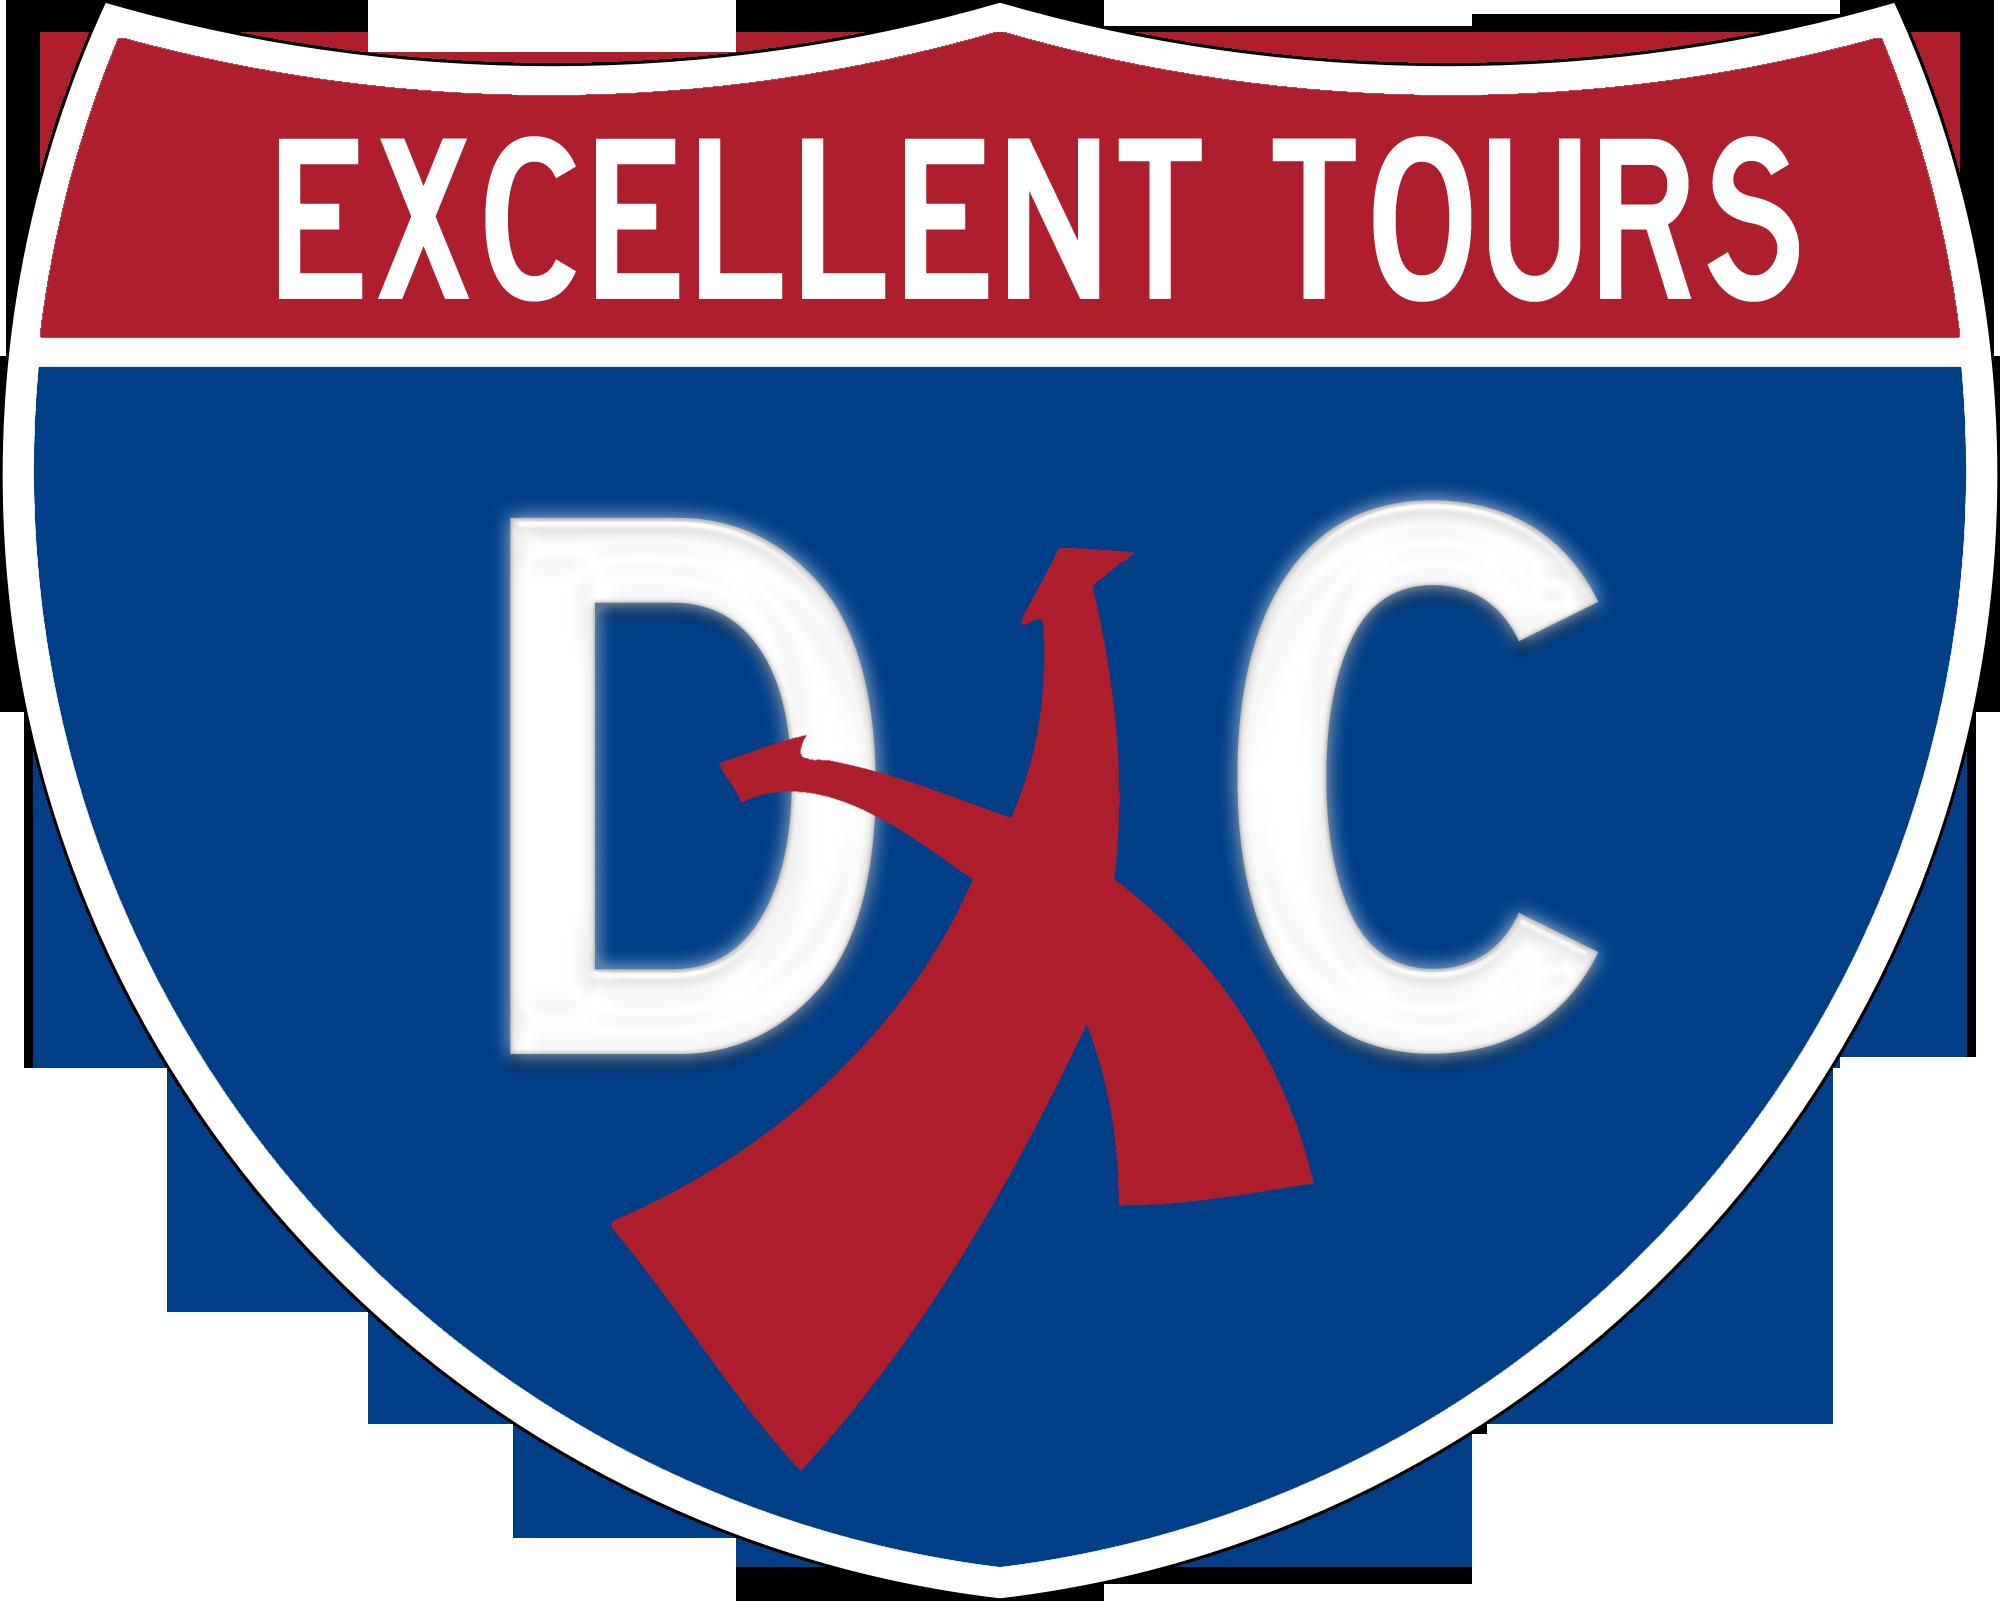 Excellent Tours